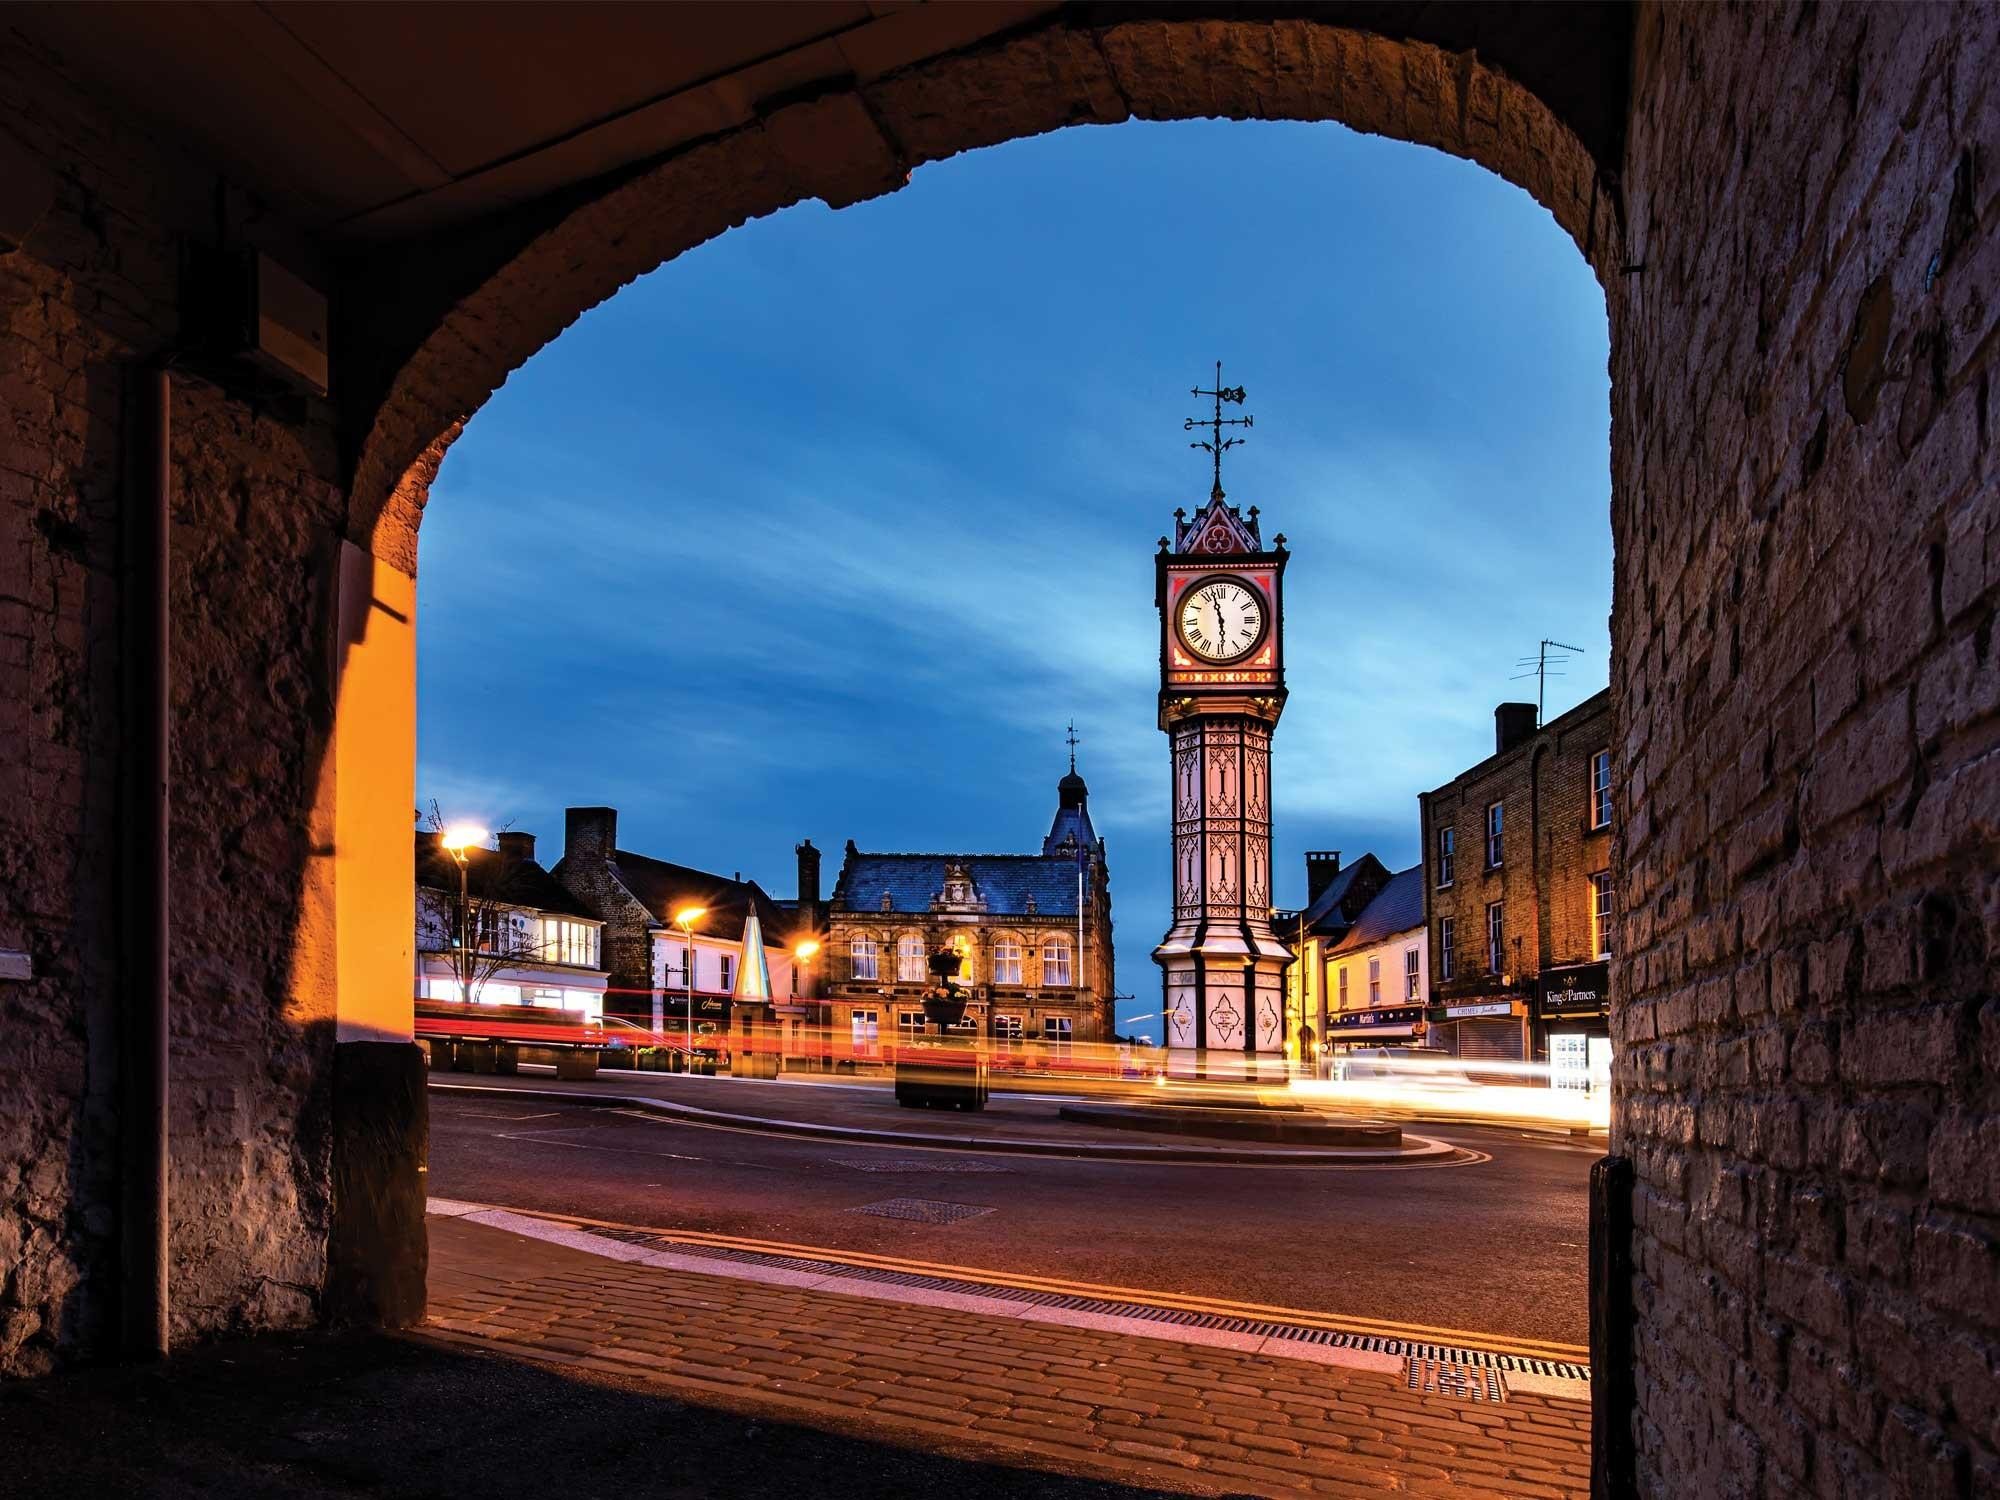 Downham Town Clock Tower at night